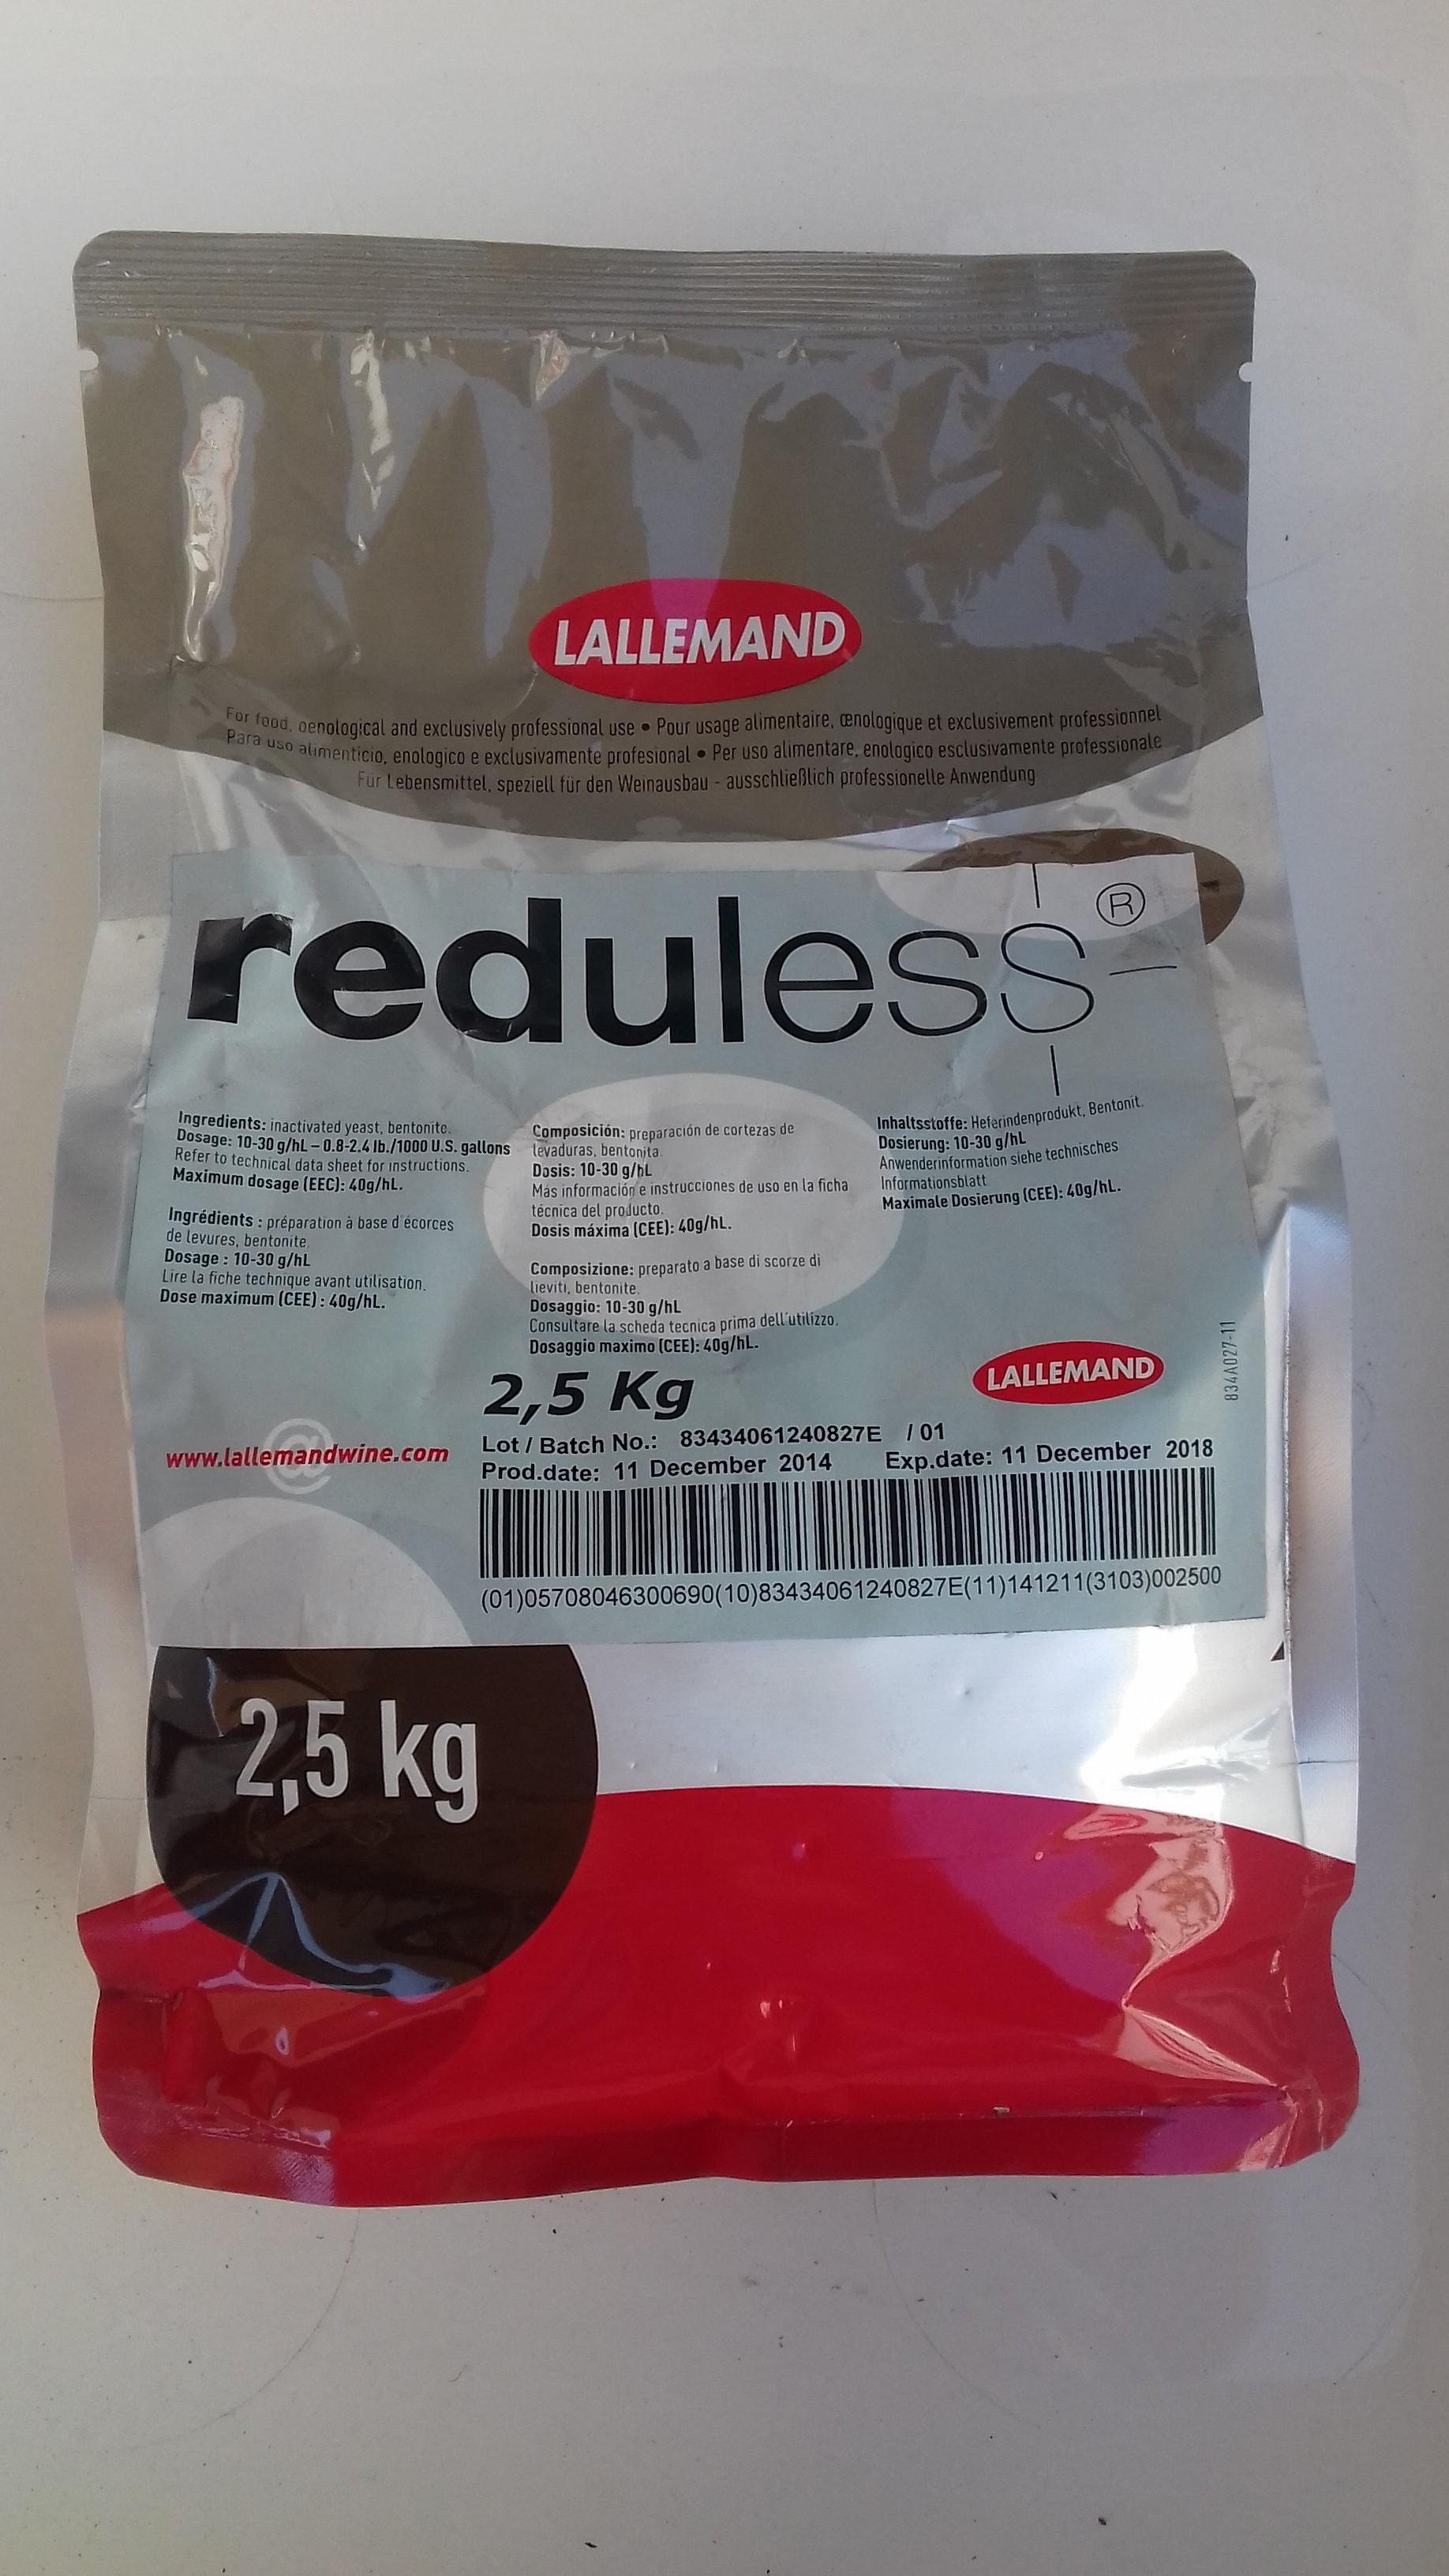 REDULESS 2.5kg